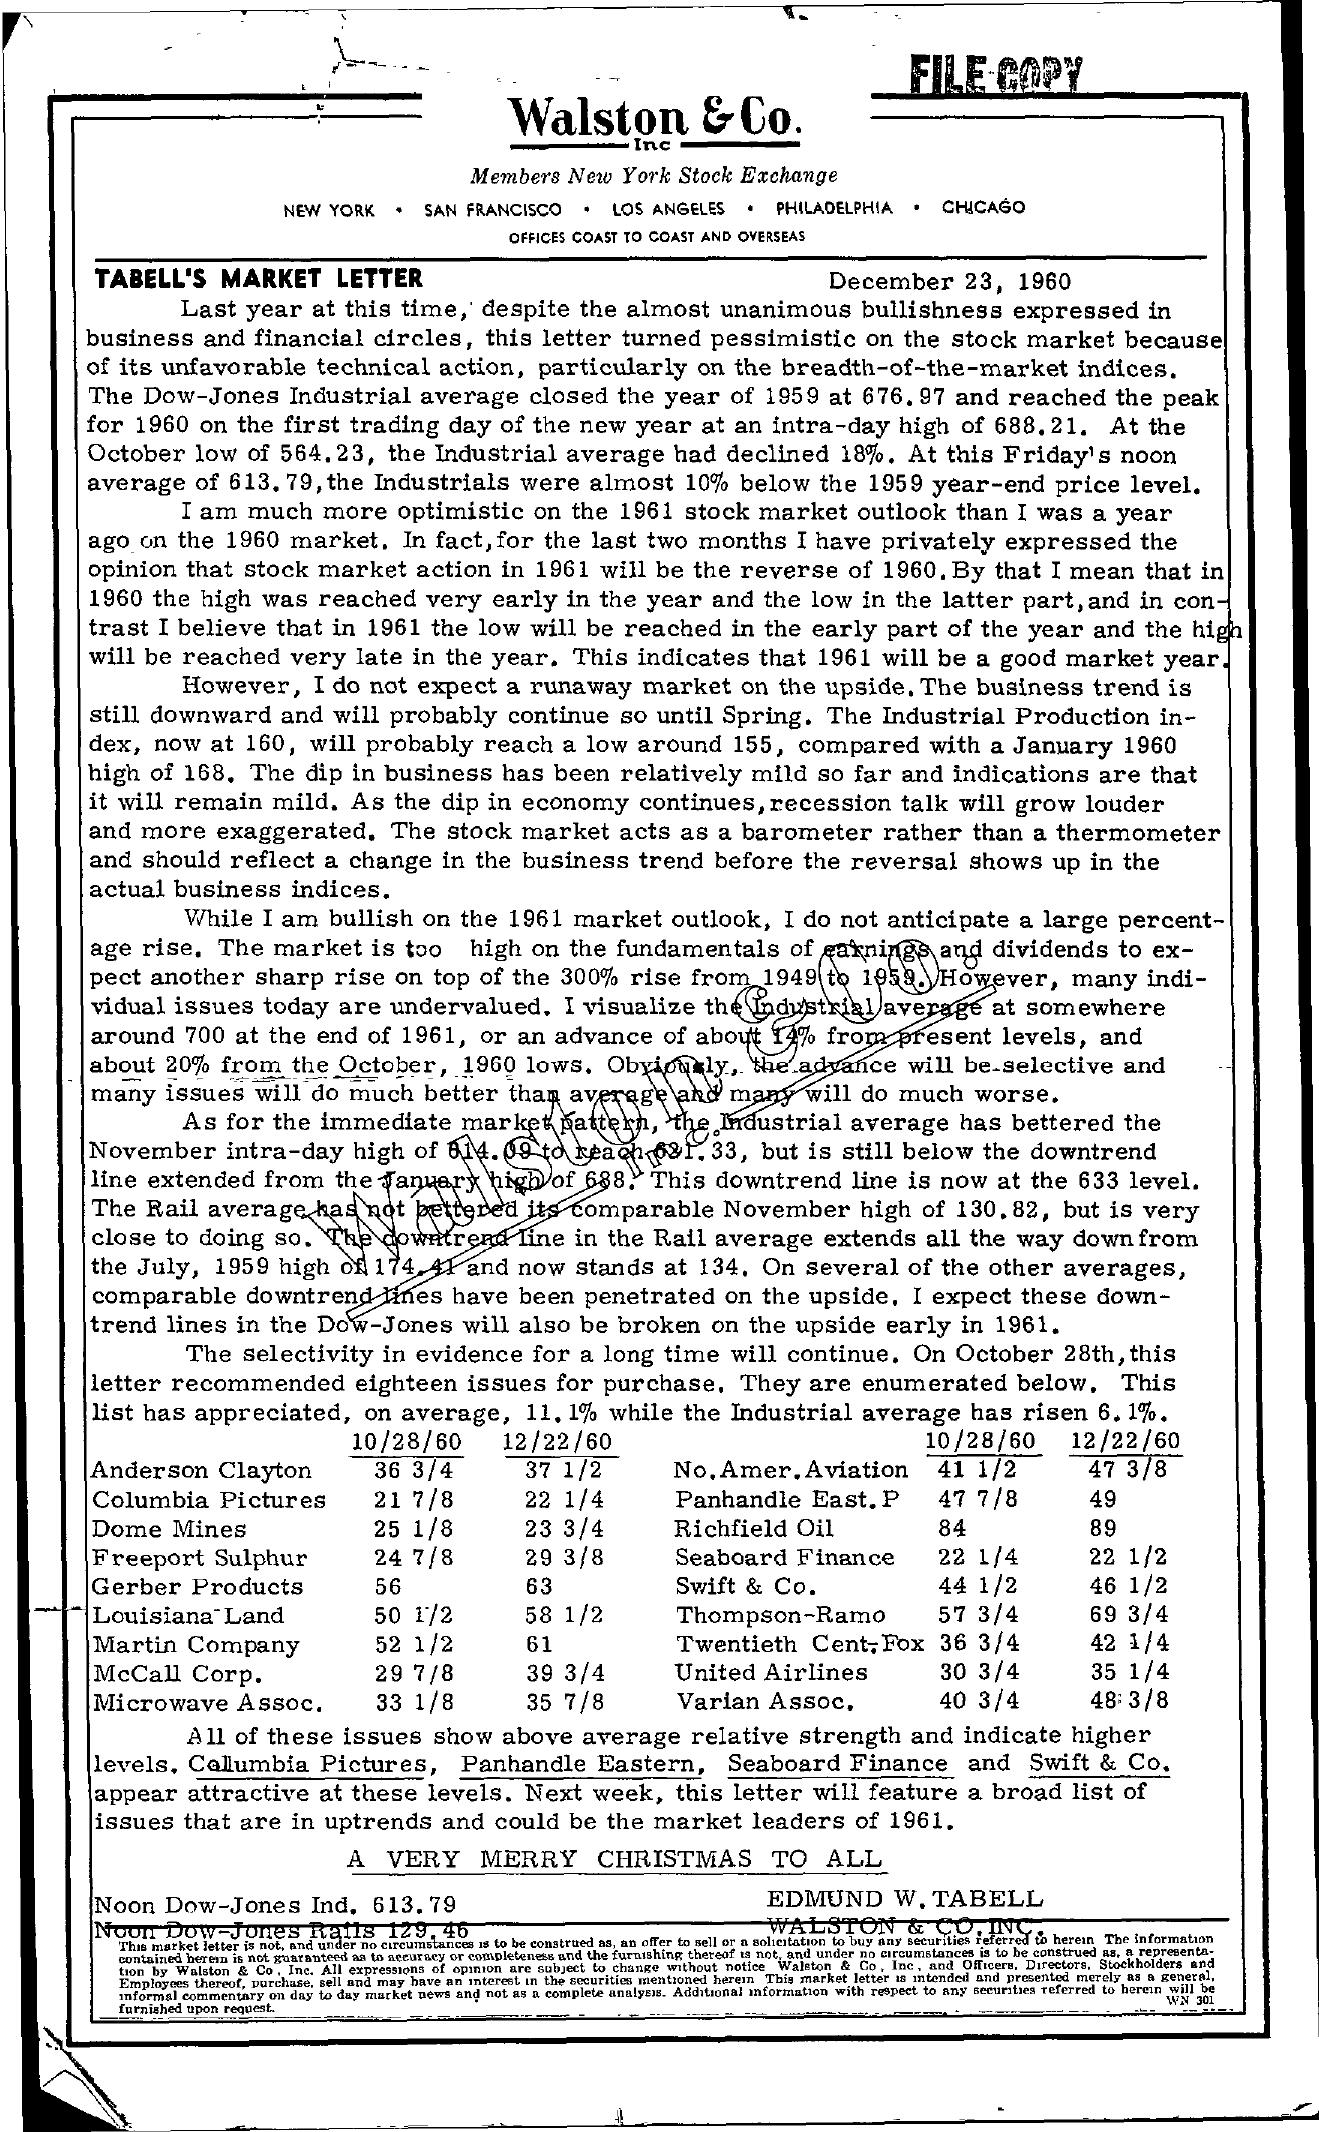 Tabell's Market Letter - December 23, 1960